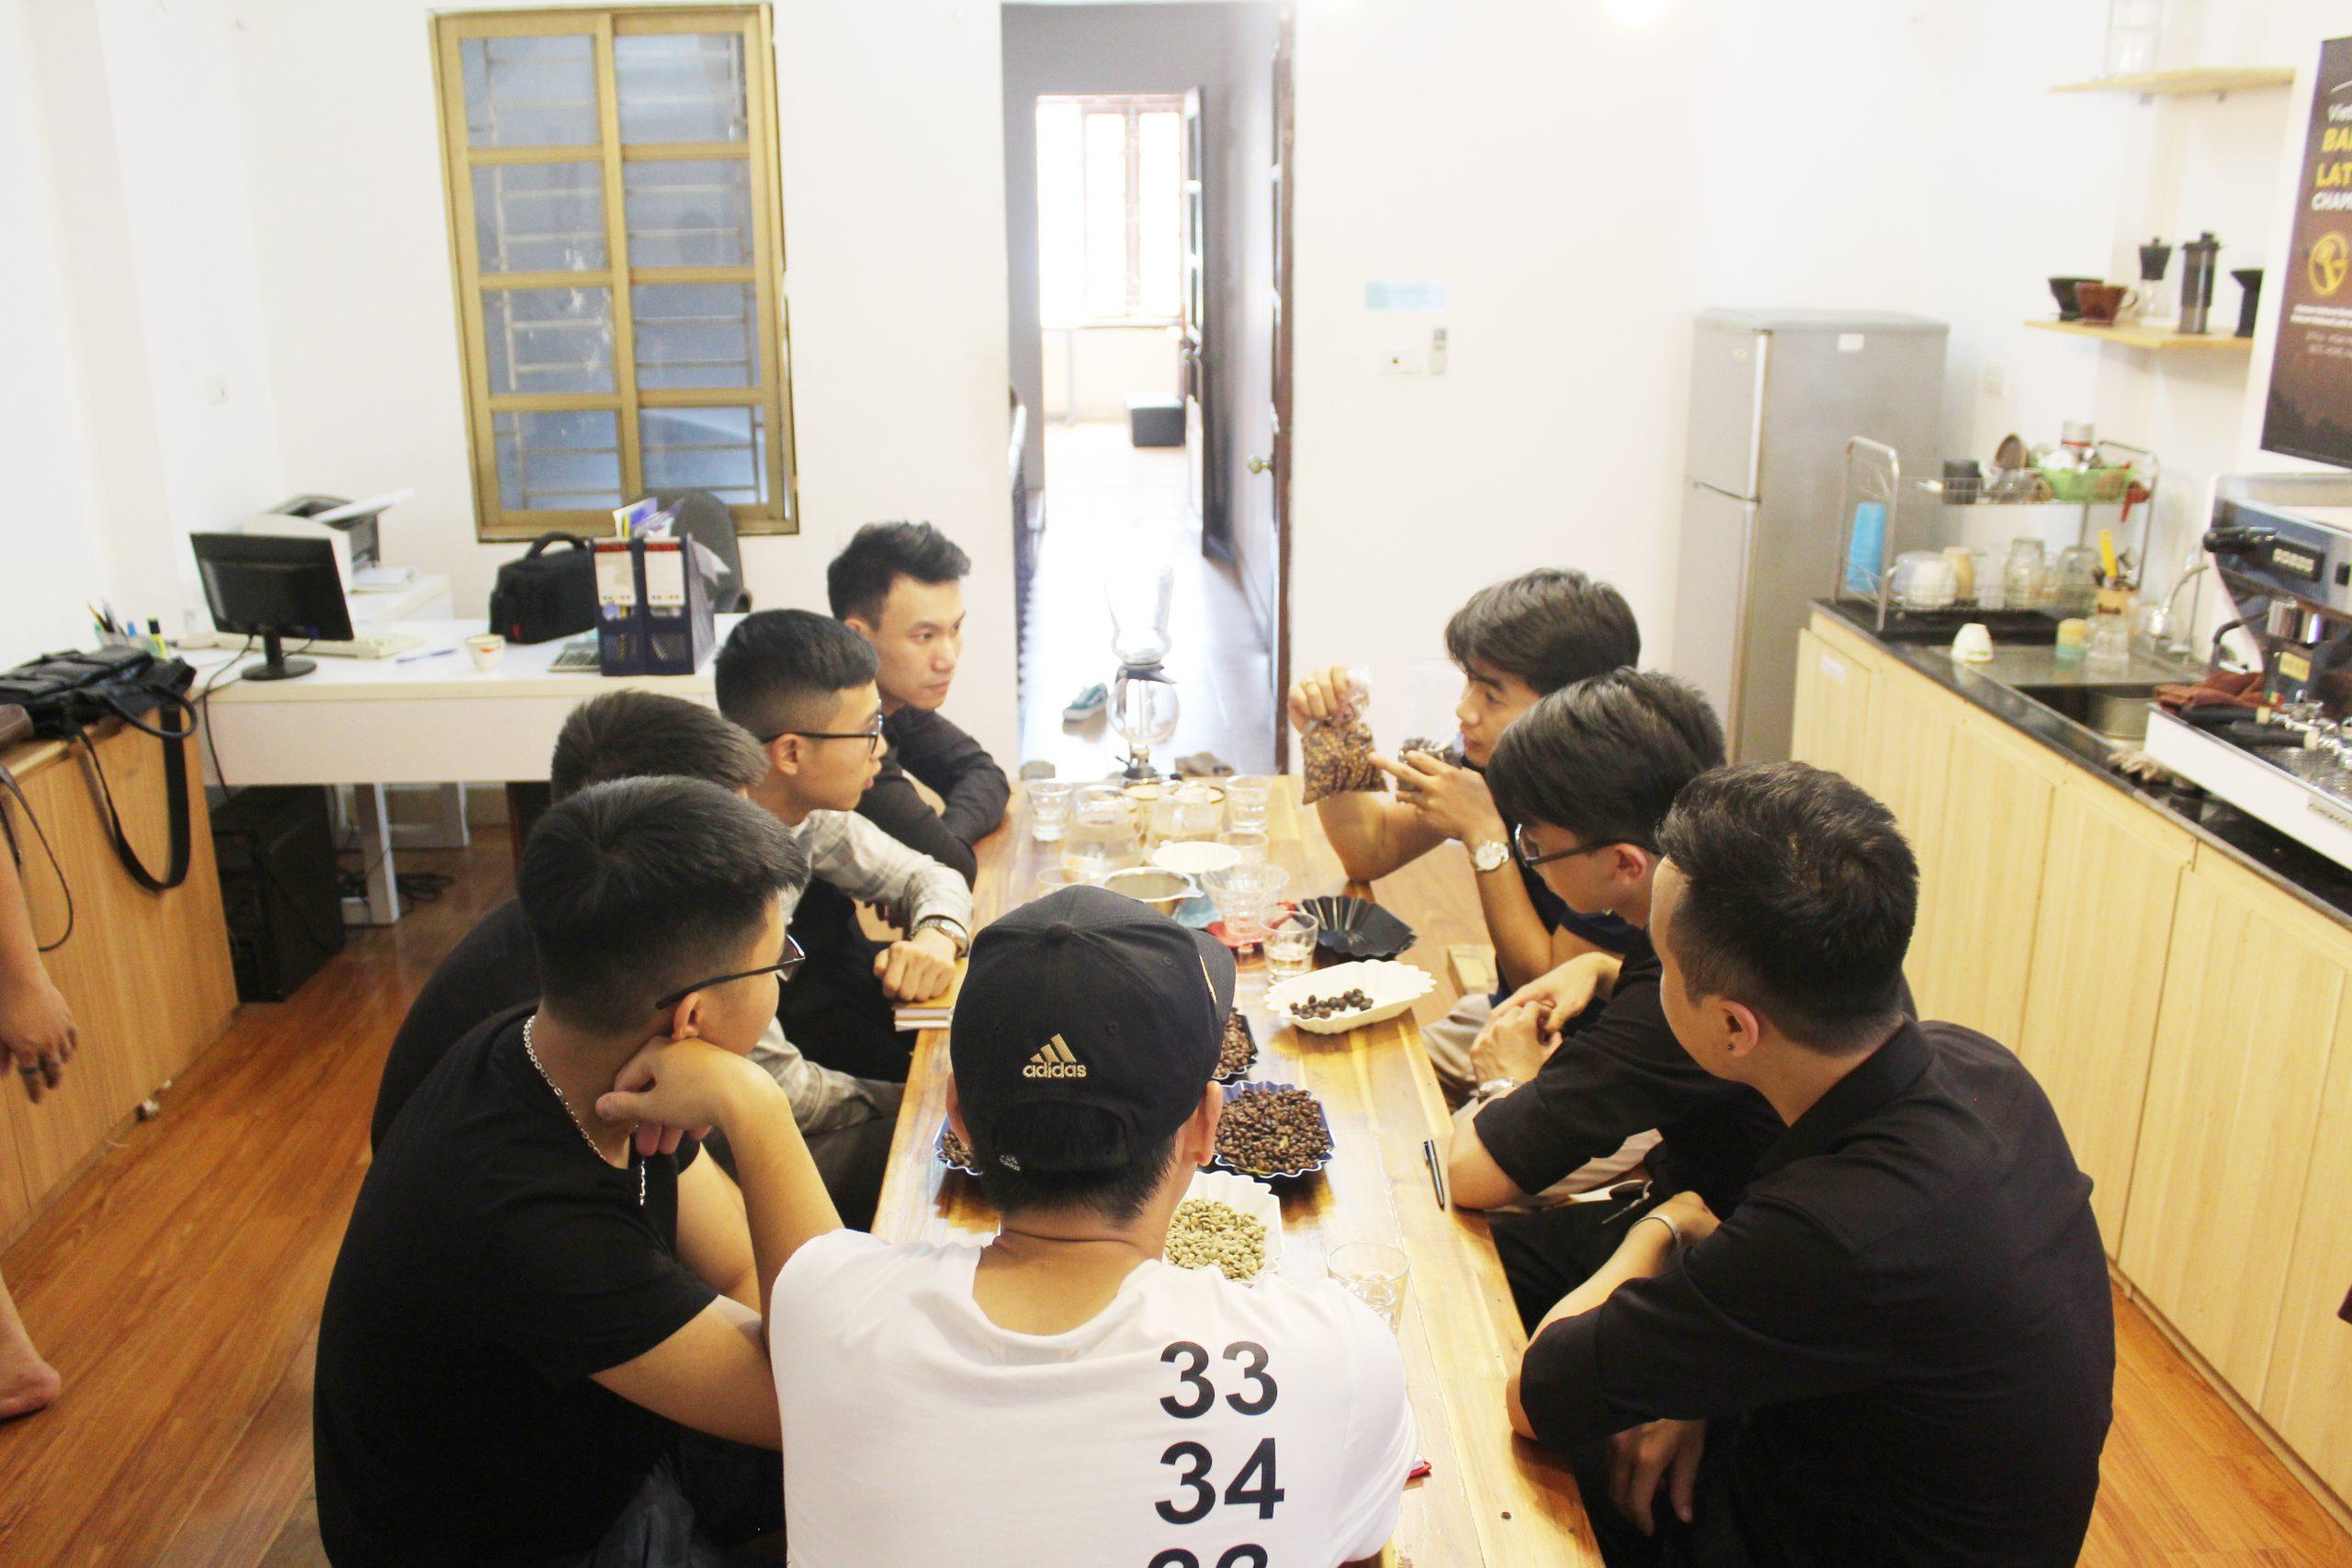 Khóa học pha chế cà phê truyền thống Hà Nội VNBS